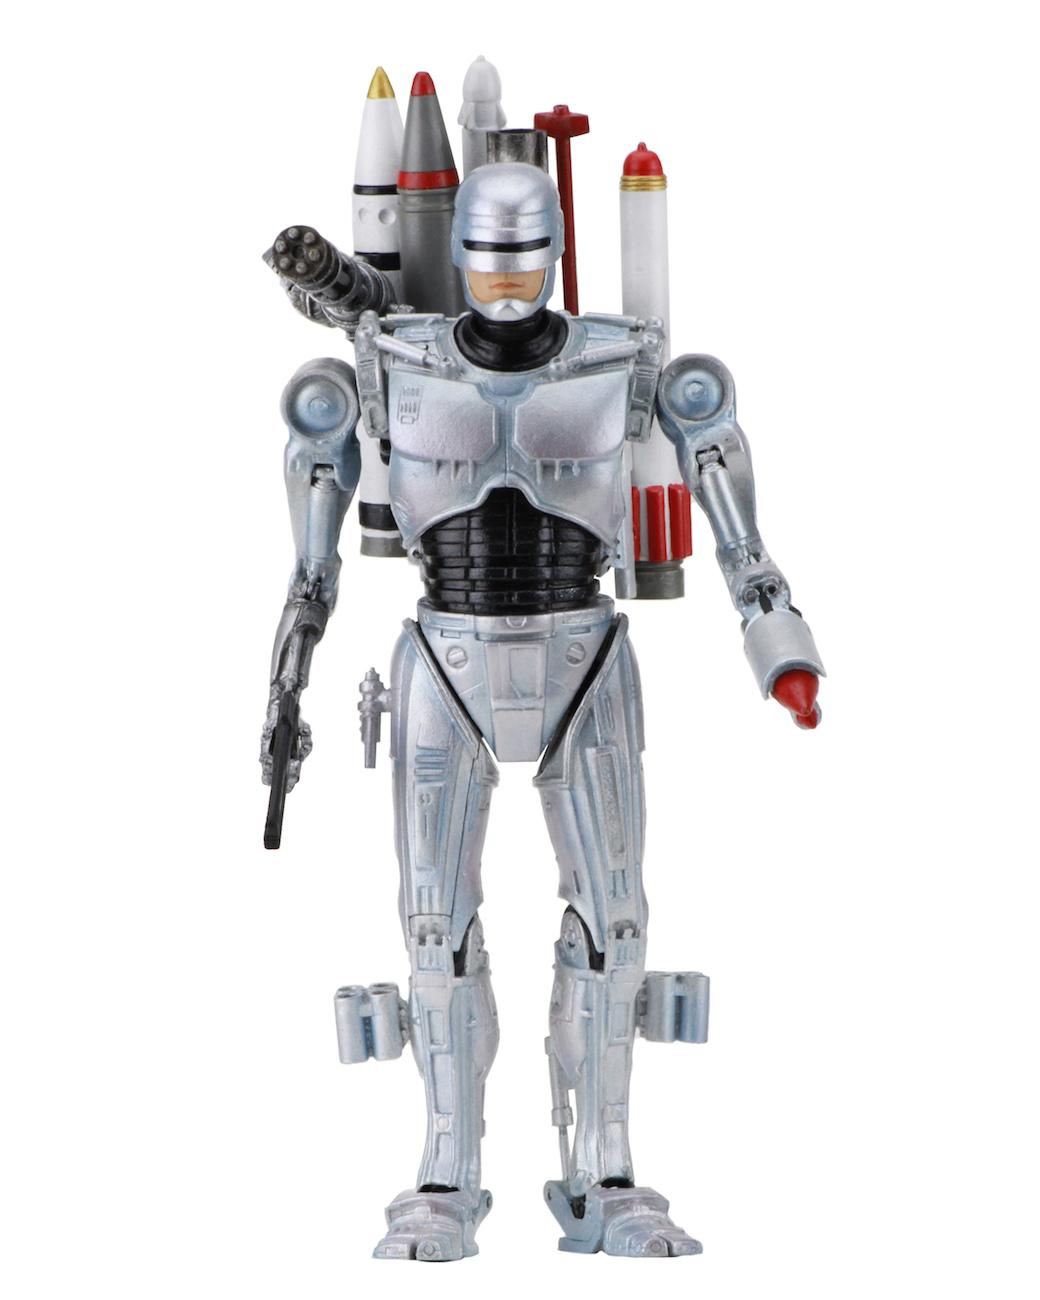 NECA Toys Robocop Vs. The Terminator – 7″ Scale Ultimate Future RoboCop Figure